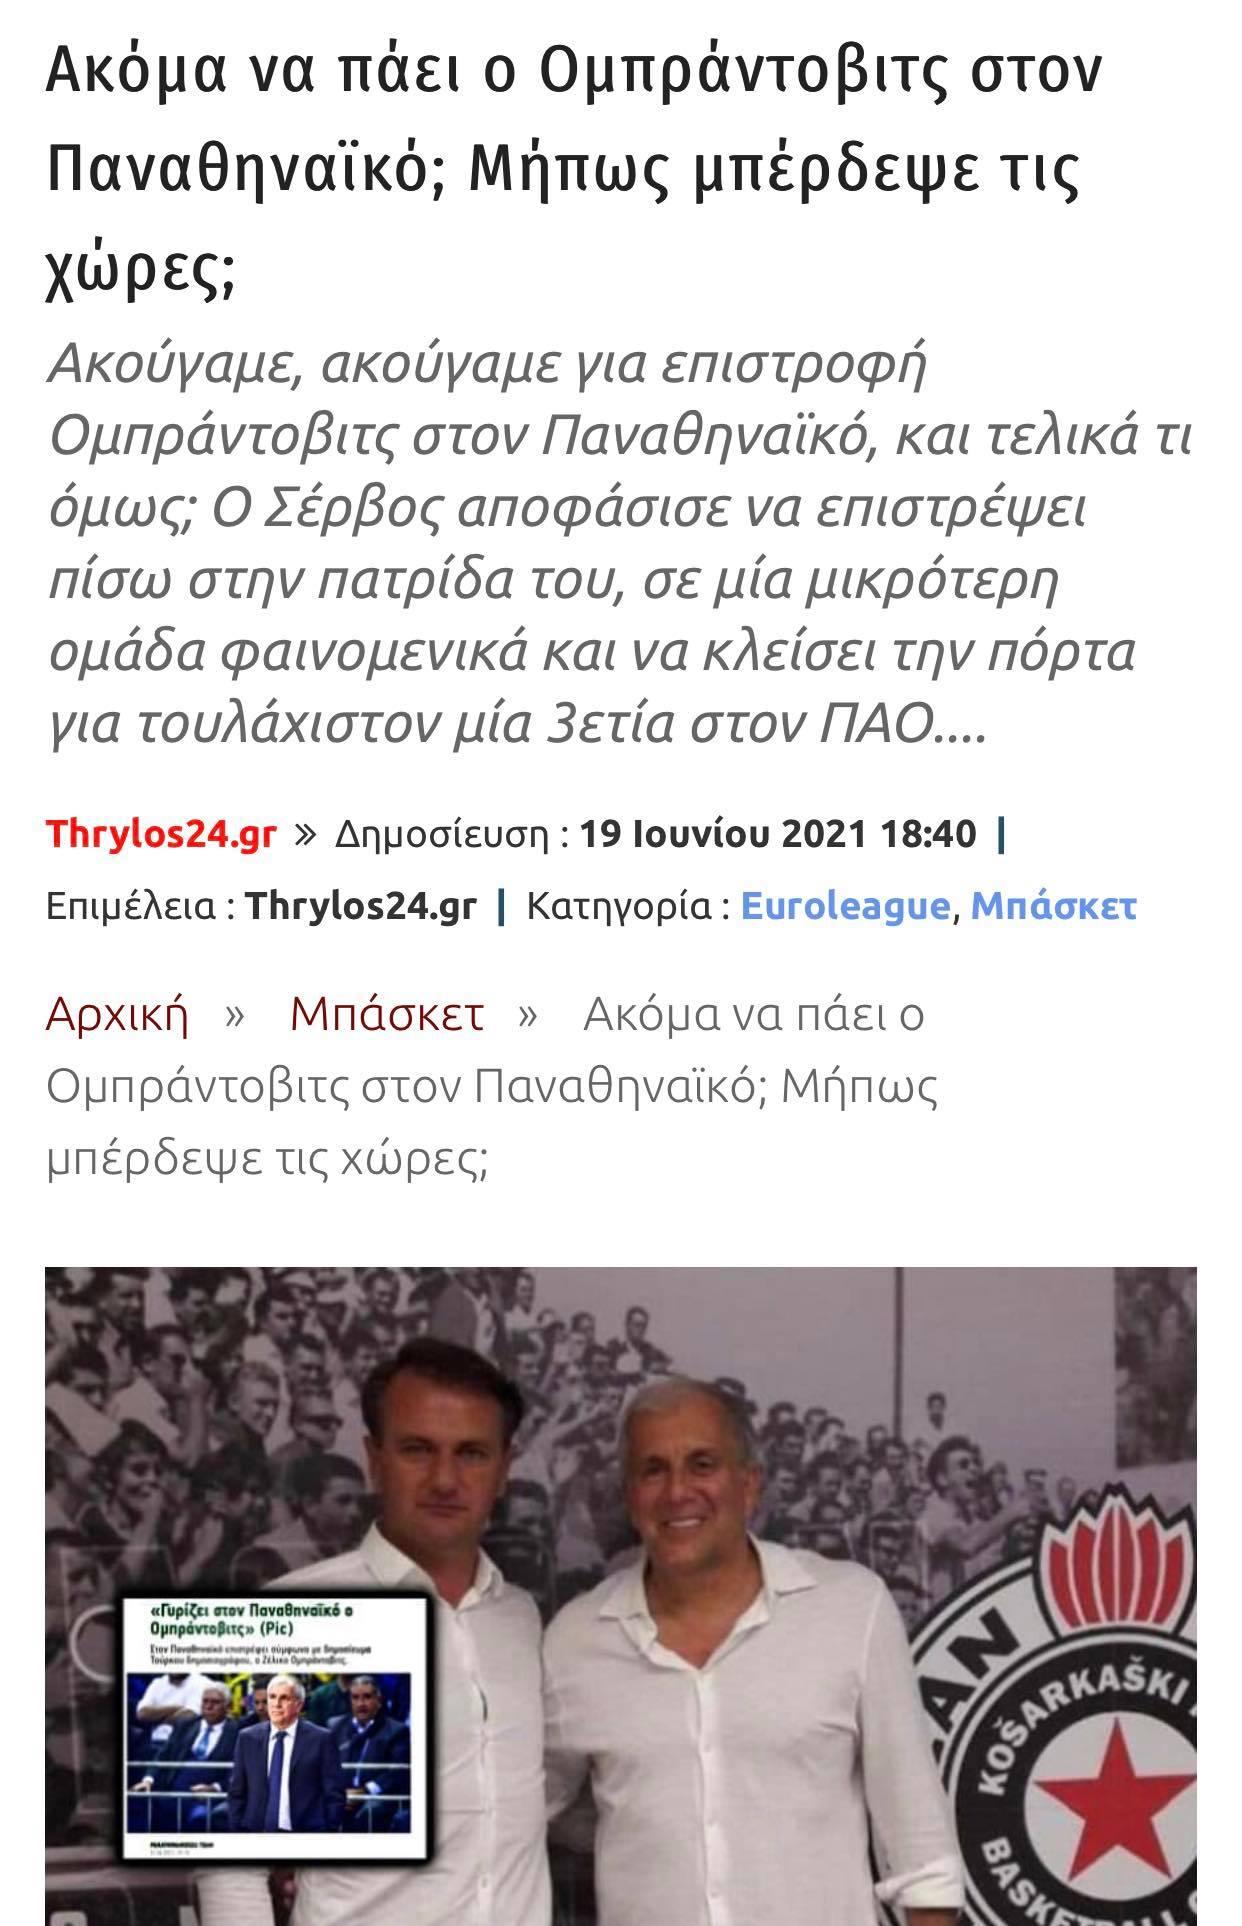 Πανηγυρίζουν για Ομπράντοβιτς τα γαυροσάιτ! (pic)